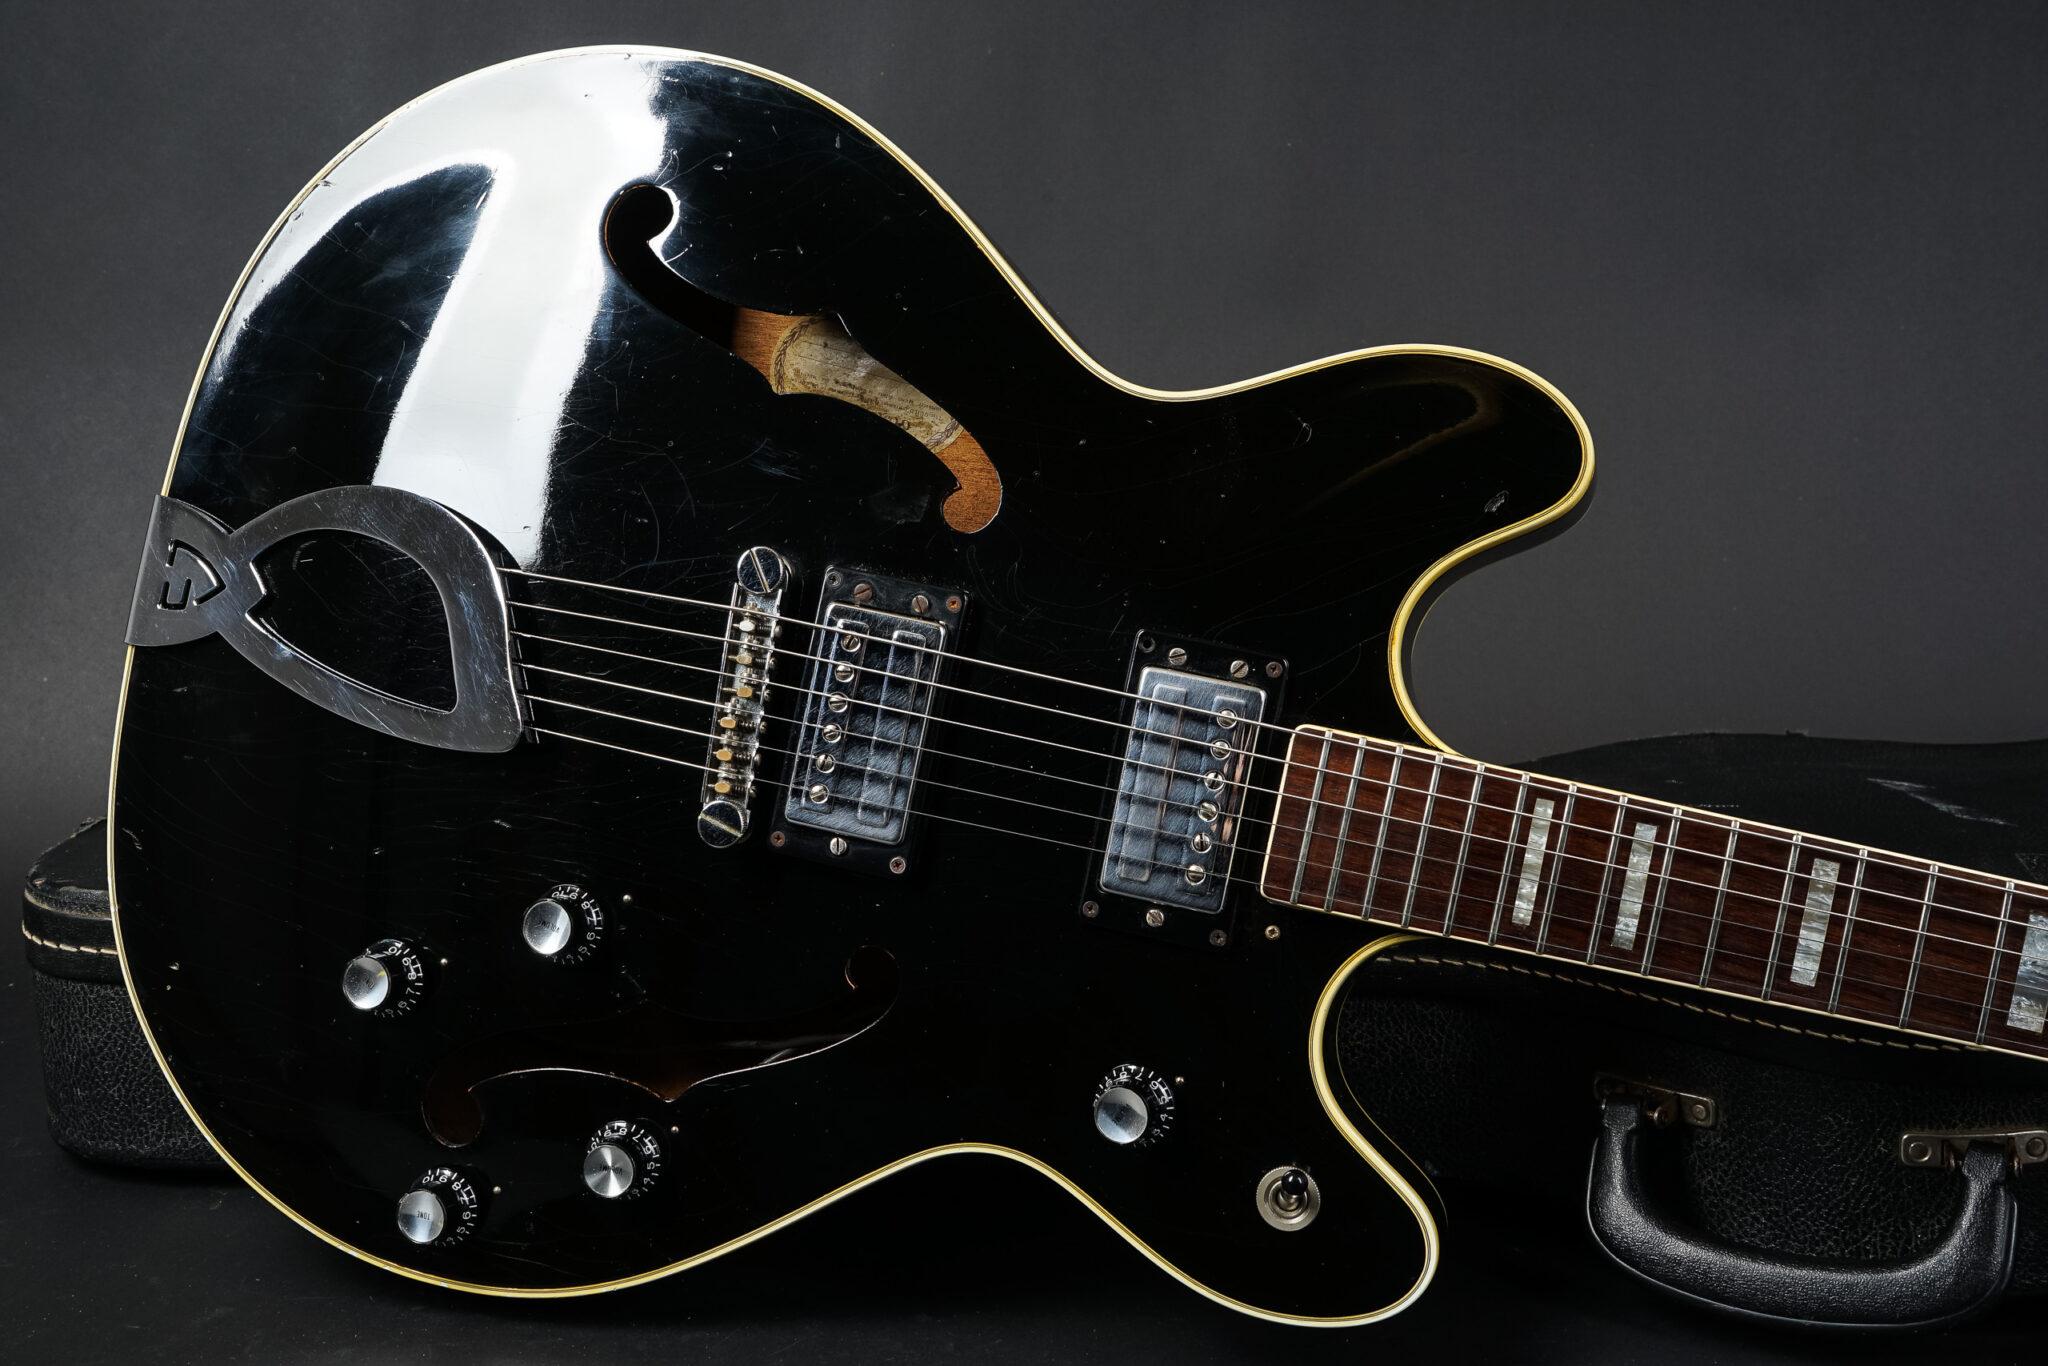 https://guitarpoint.de/app/uploads/products/1973-guild-starfire-iv-black/1973-Guild-Starfire-IV-Black-8-2048x1366.jpg